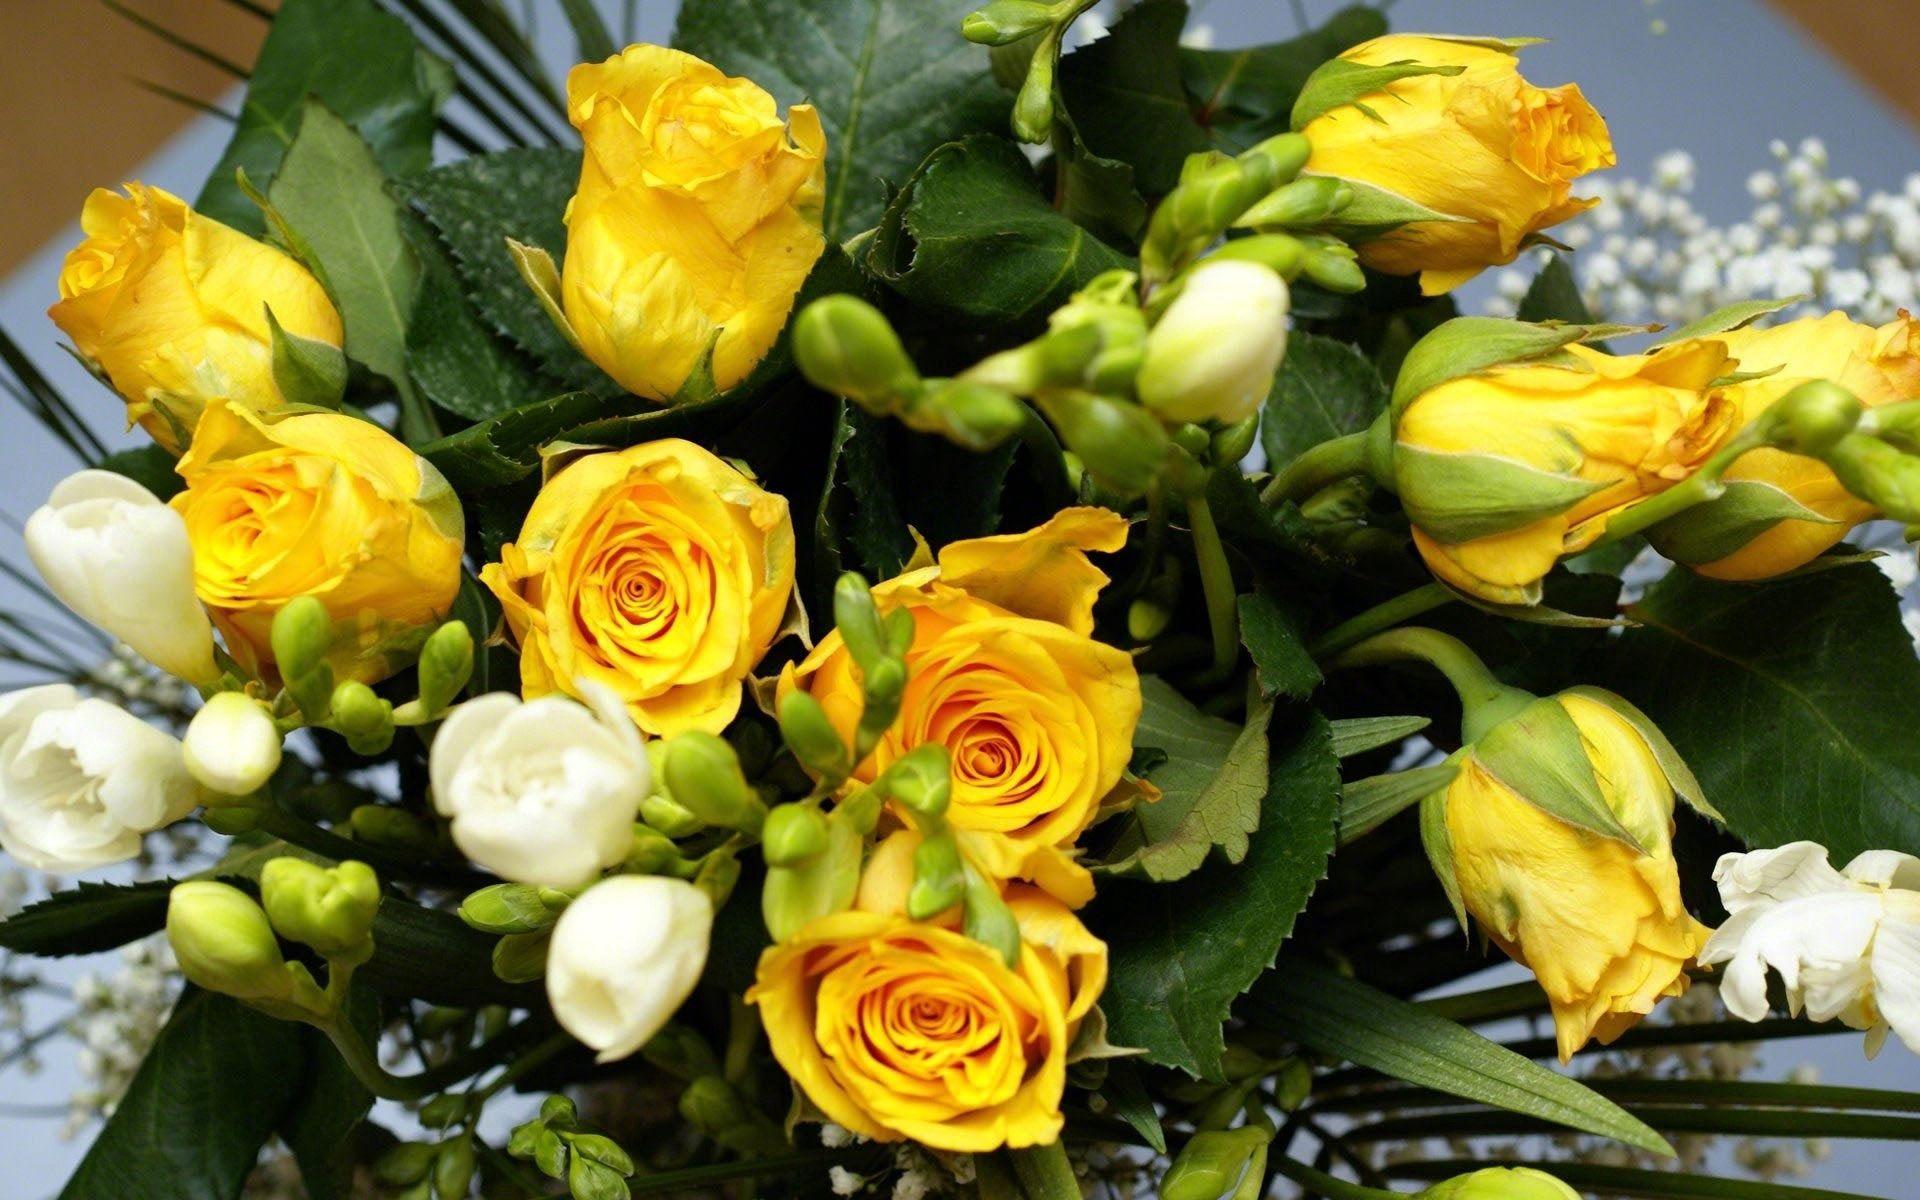 115251 скачать обои Цветы, Букет, Листья, Красота, Розы - заставки и картинки бесплатно